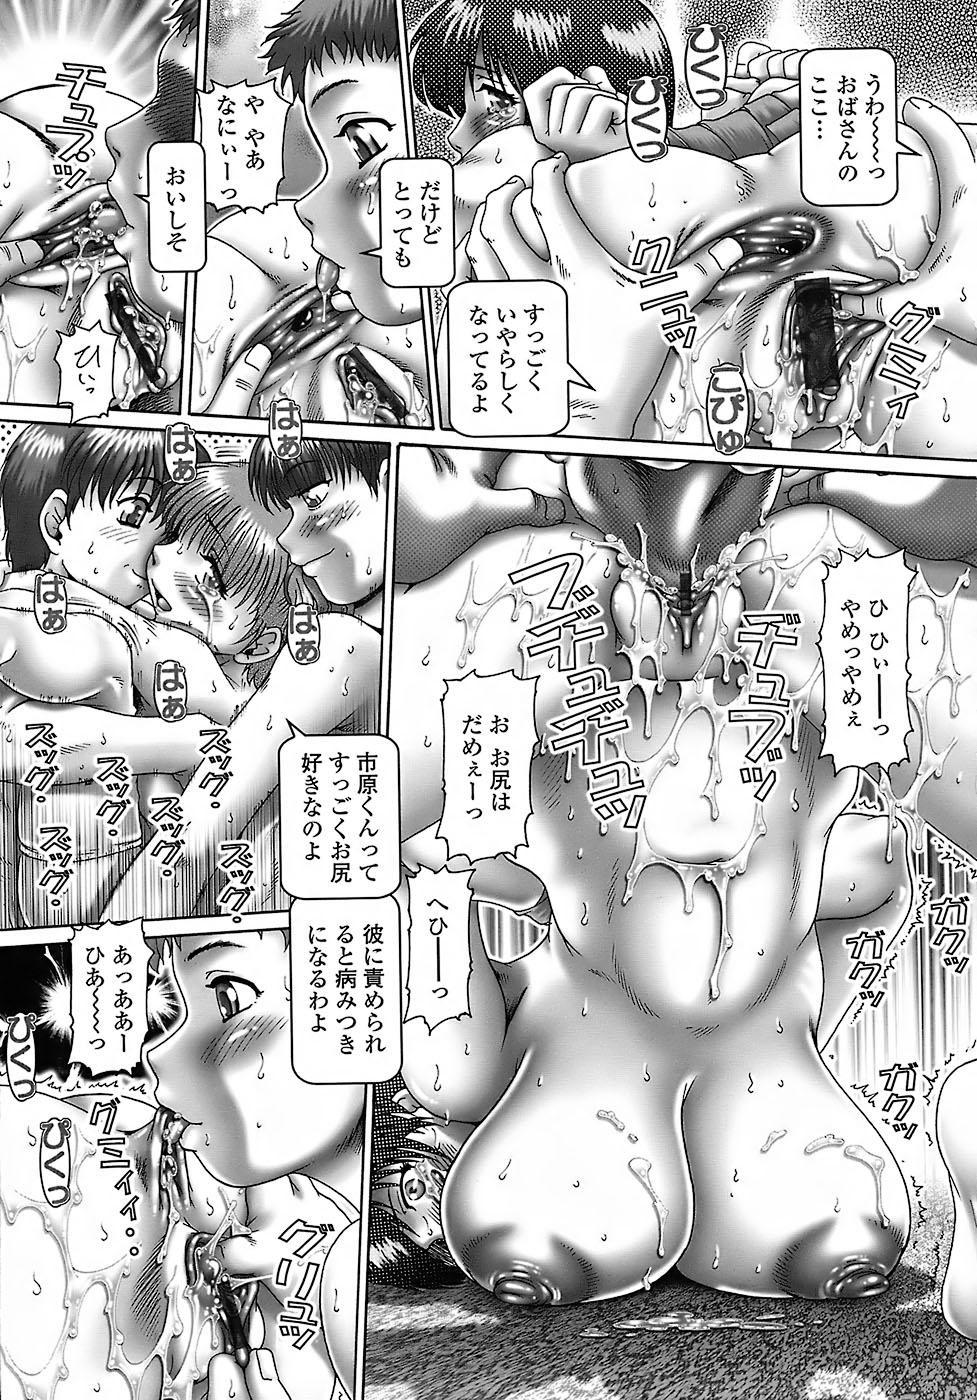 Tenshi no Shizuku 143